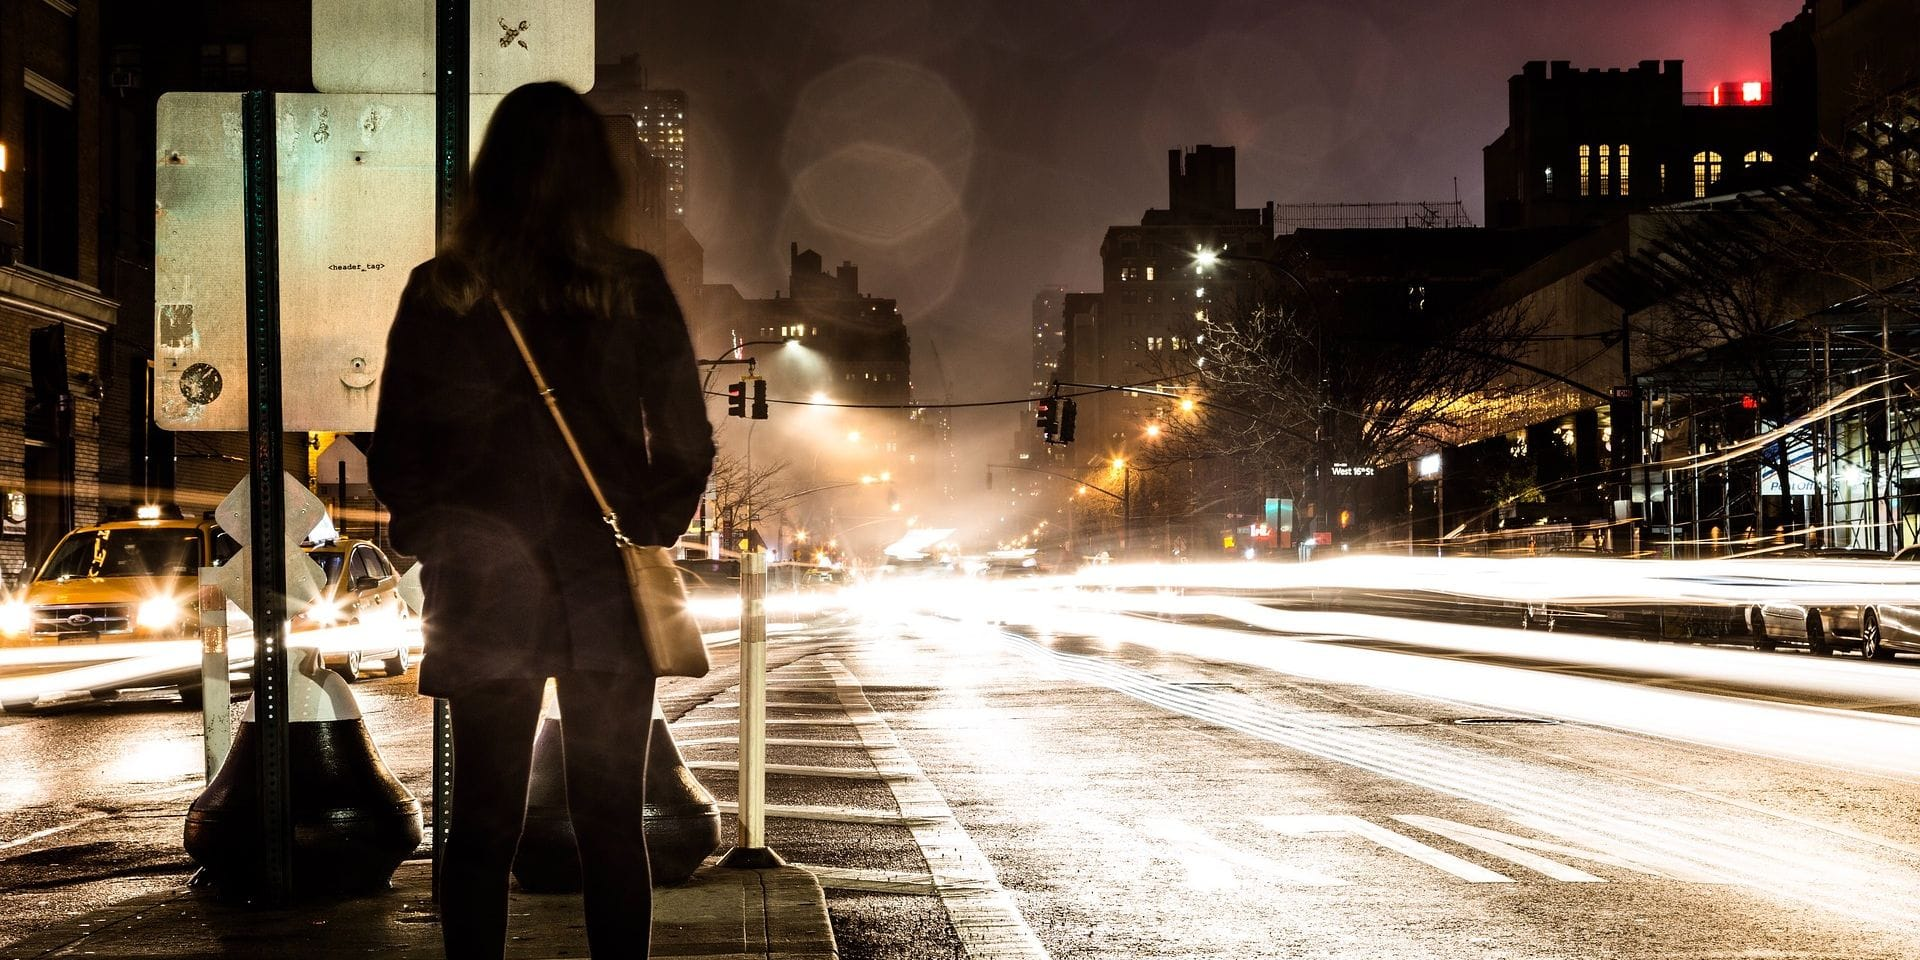 Appel à témoignages : Mesdames, vous sentez-vous en sécurité lorsque vous marchez seule en rue ?